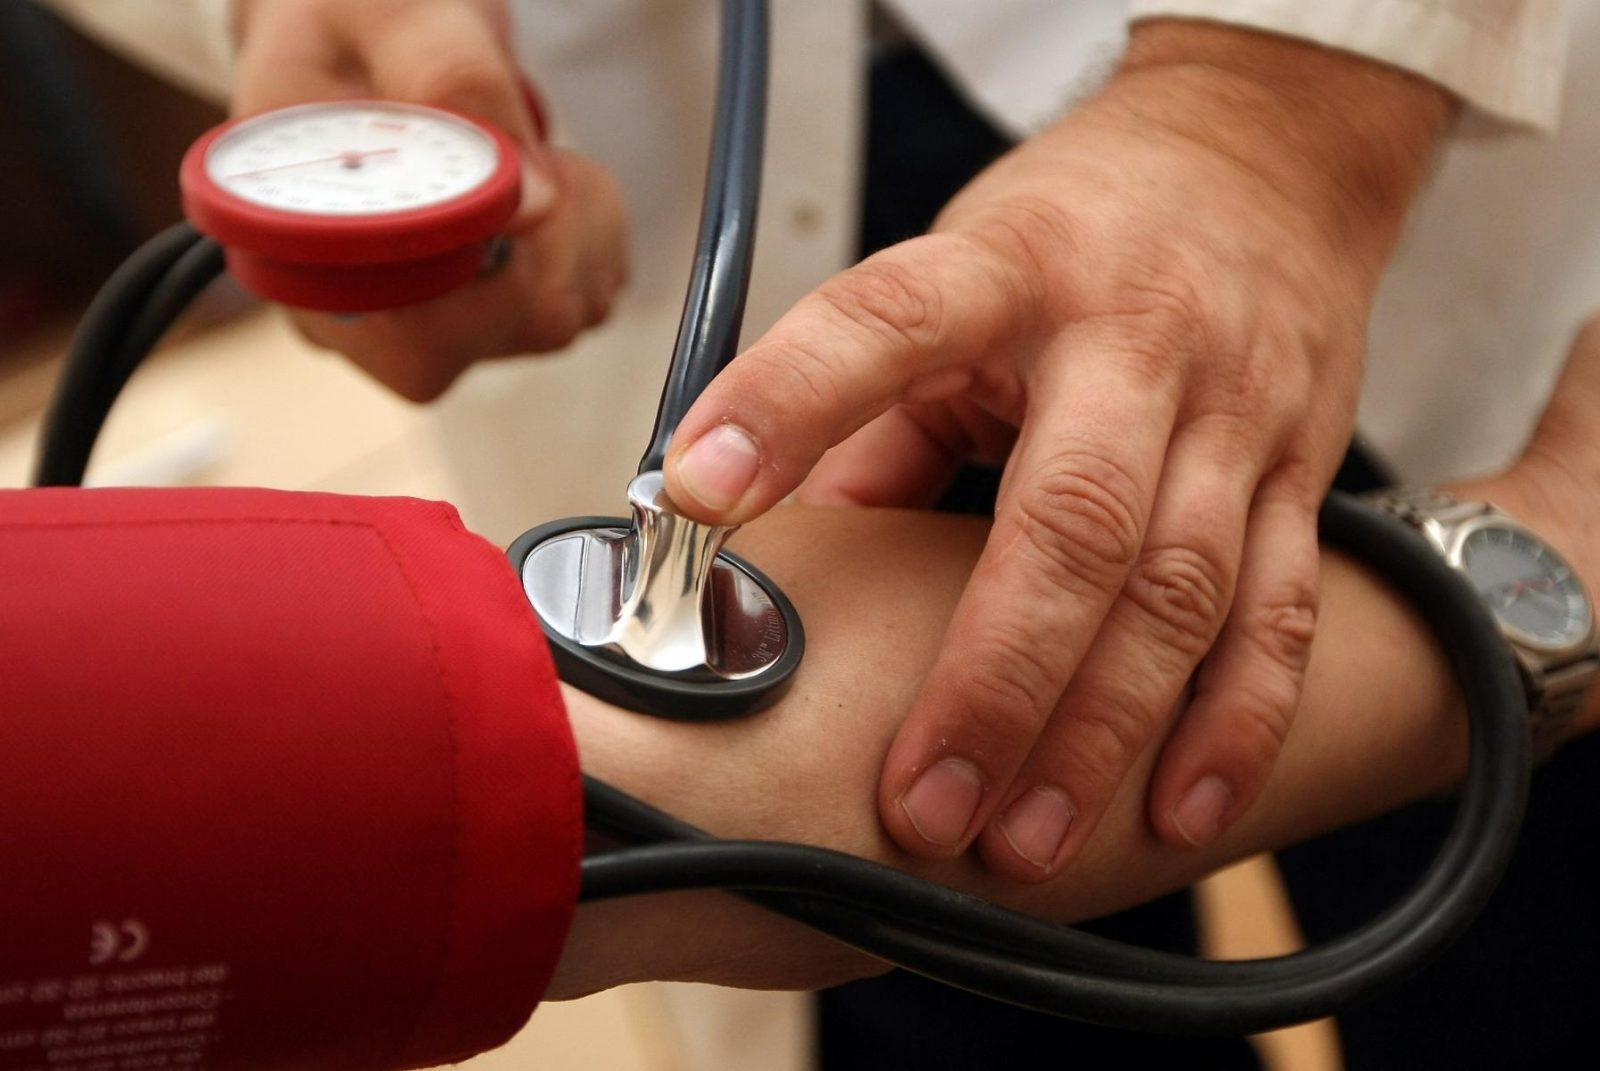 mióma hipertónia kezelésére magas vérnyomás 1 fok 1 fokozat kockázata